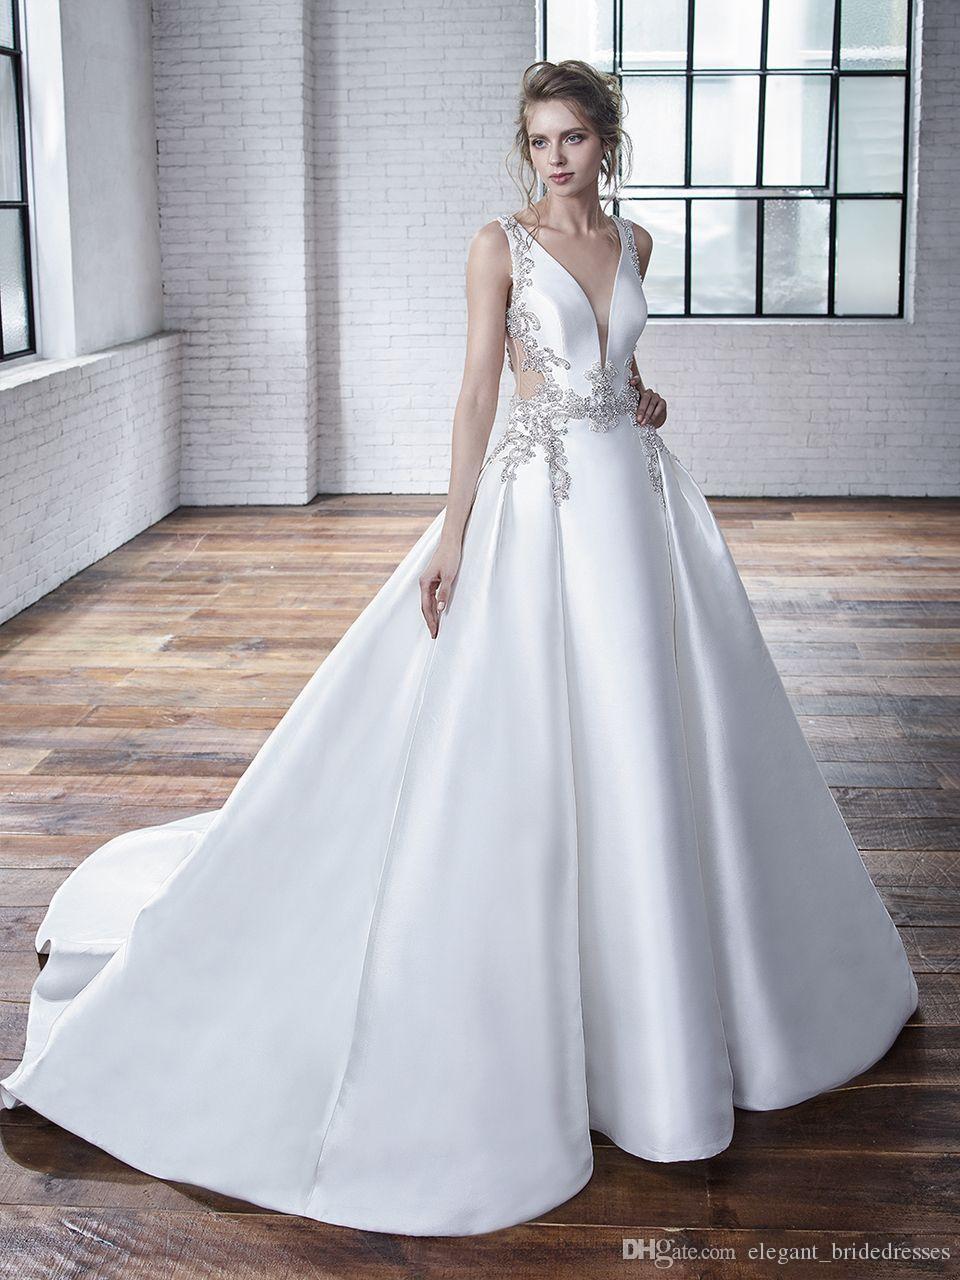 Chic 2019 A-ligne en satin des robes de perles appliques de mariage avec encolure en V Bouton Retour Covered Modeste robe de mariée avec chapelle train pas cher